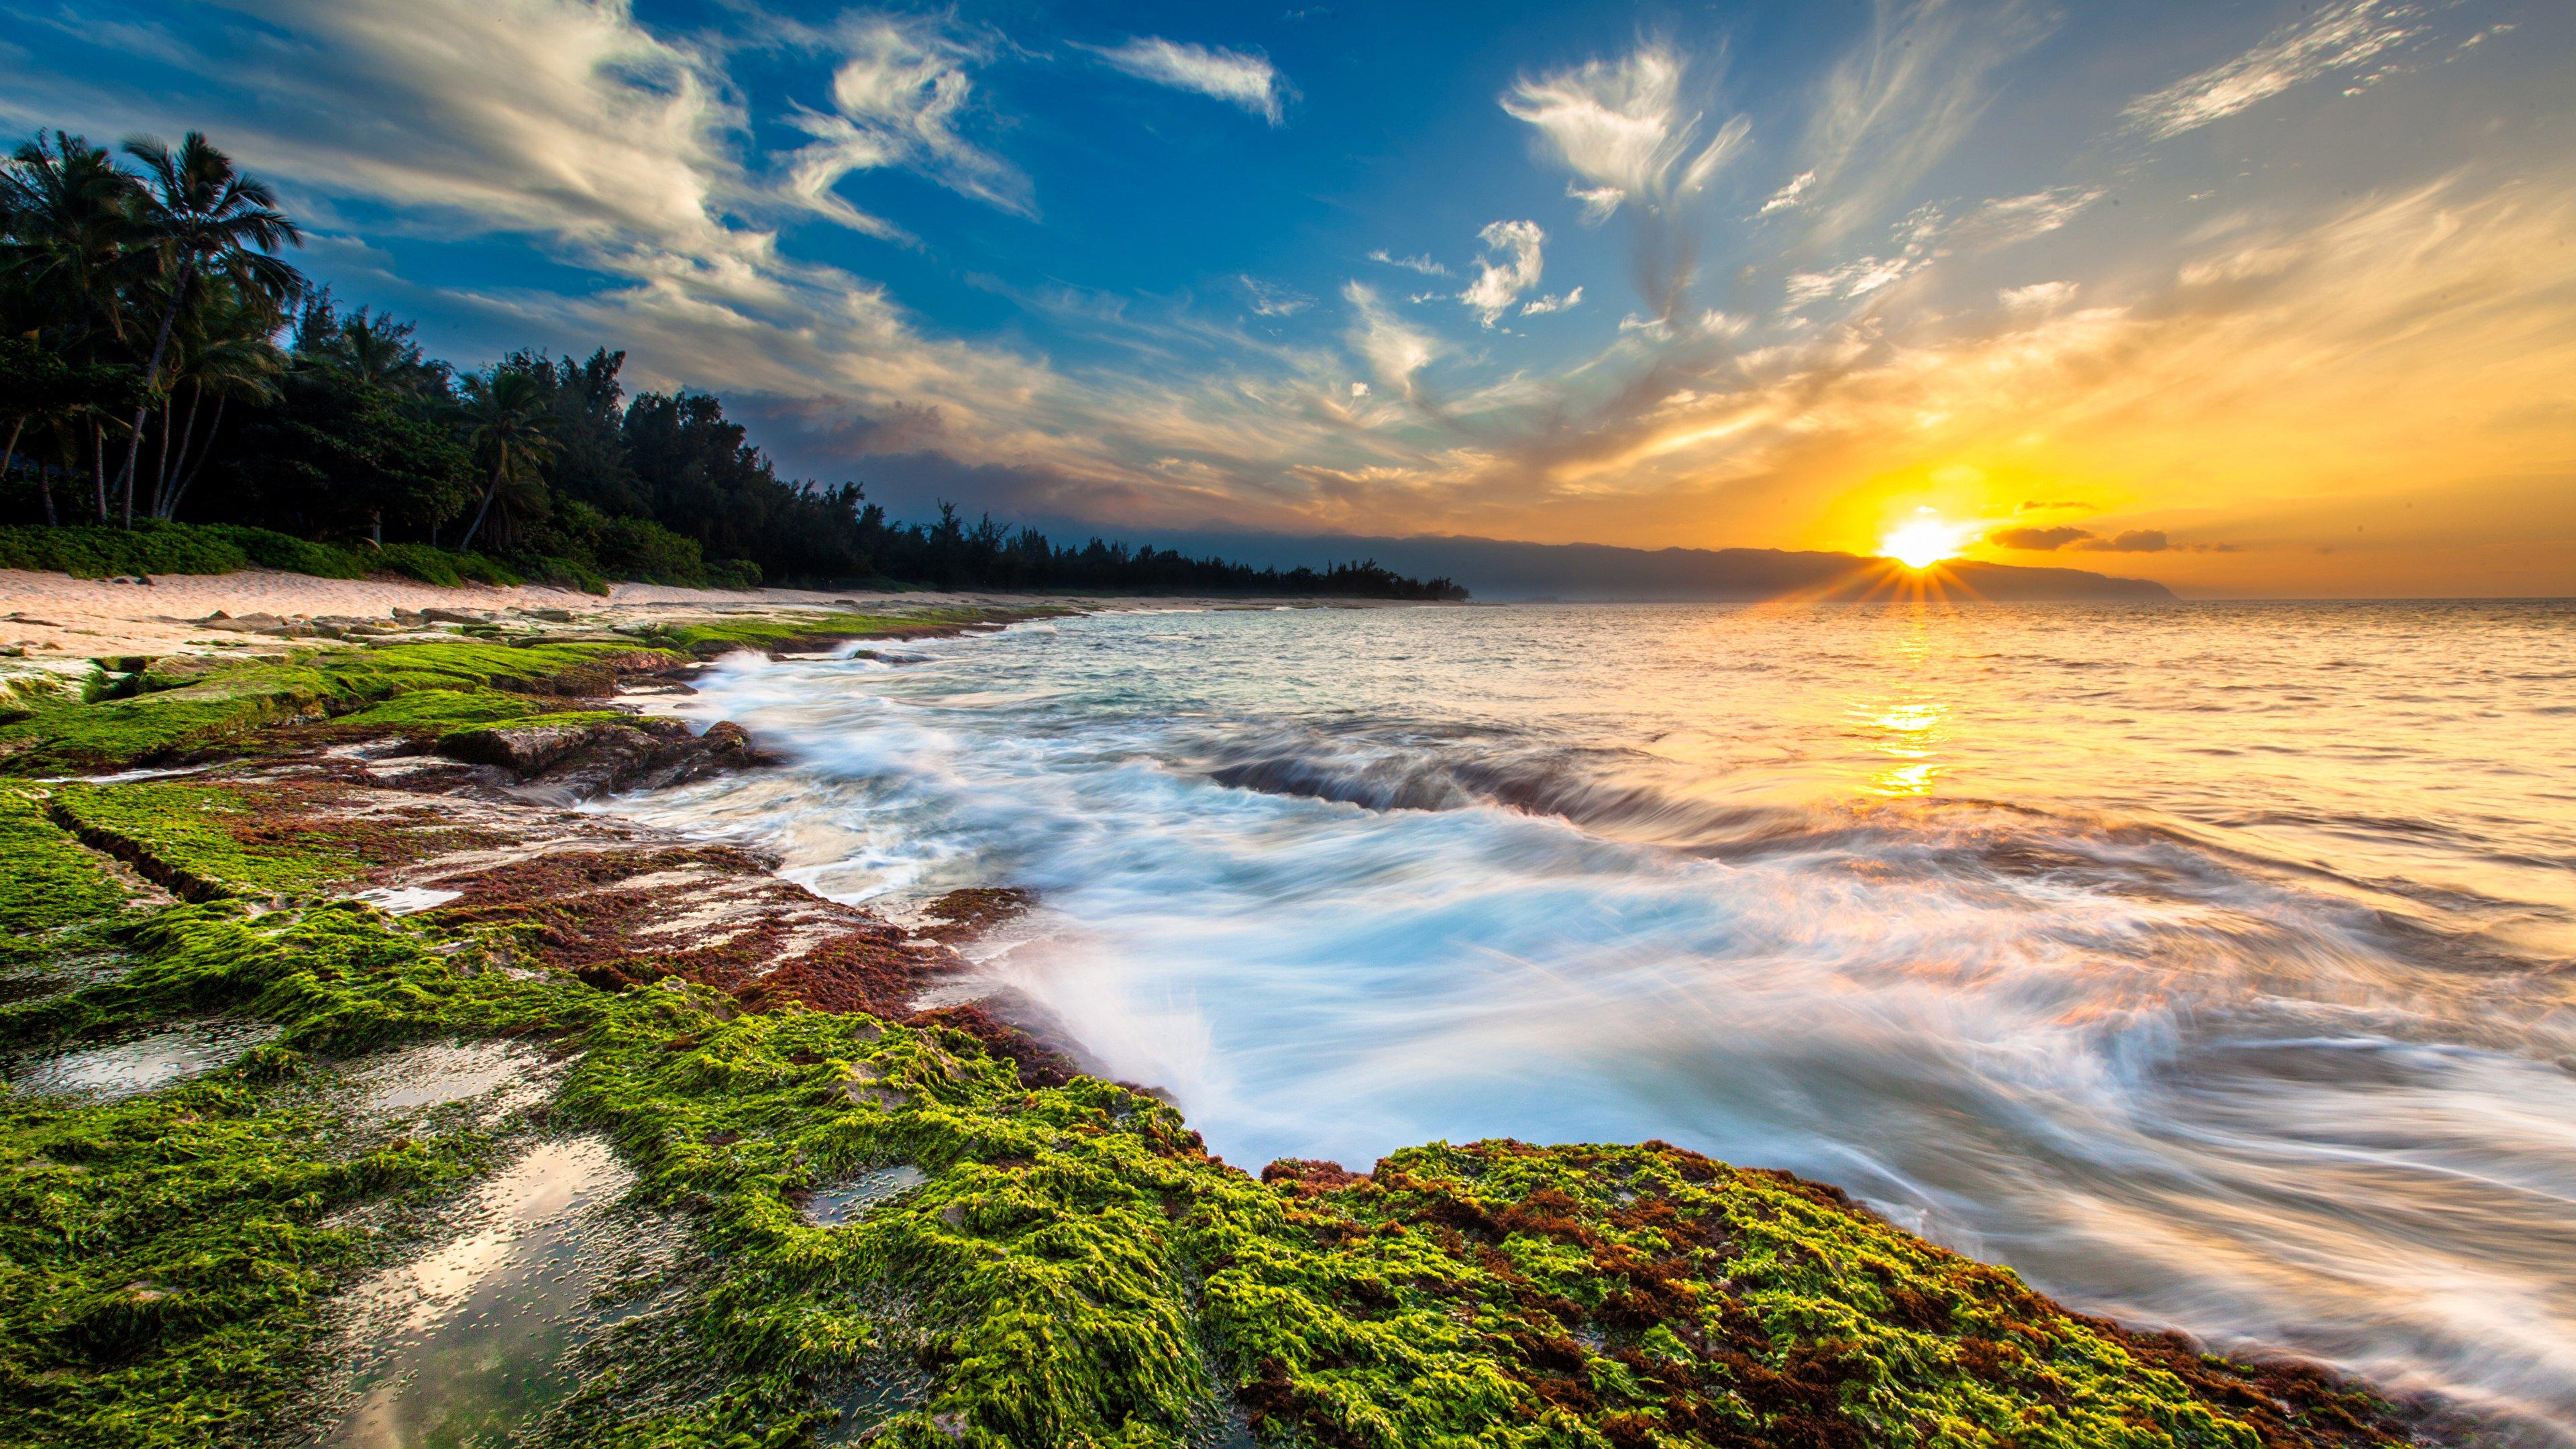 Hawaii Sunset Ocean Beach Waves Cl 4K wallpaper